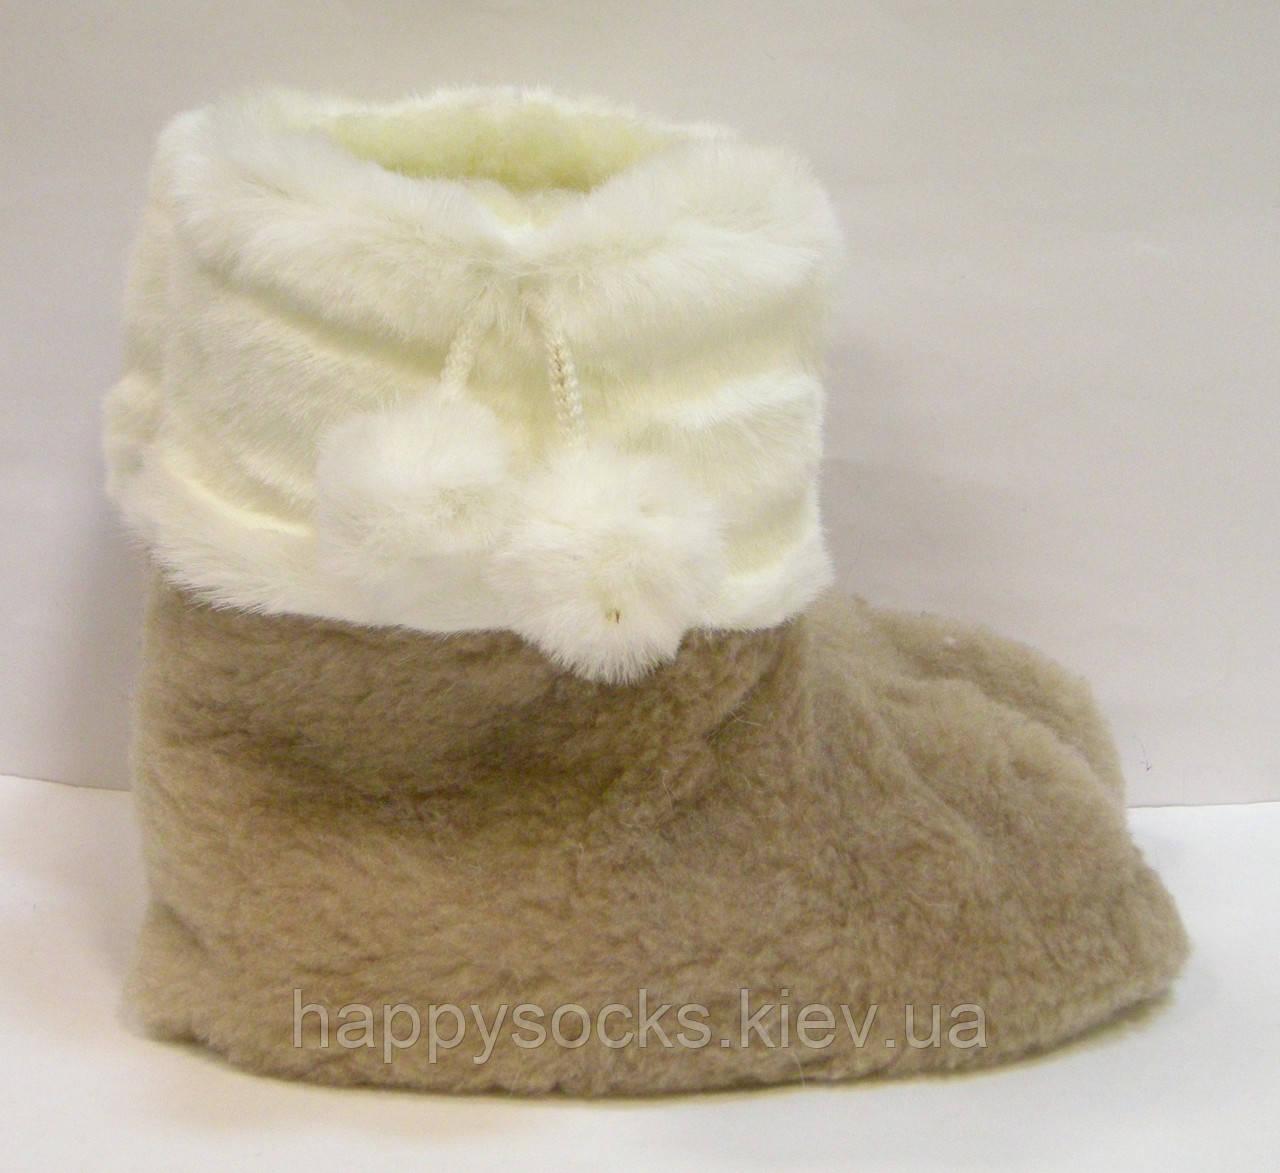 9af115150f839 Тапочки-сапожки меховые с помпоном из кролика женские для дома - Оптово  розничный интернет-